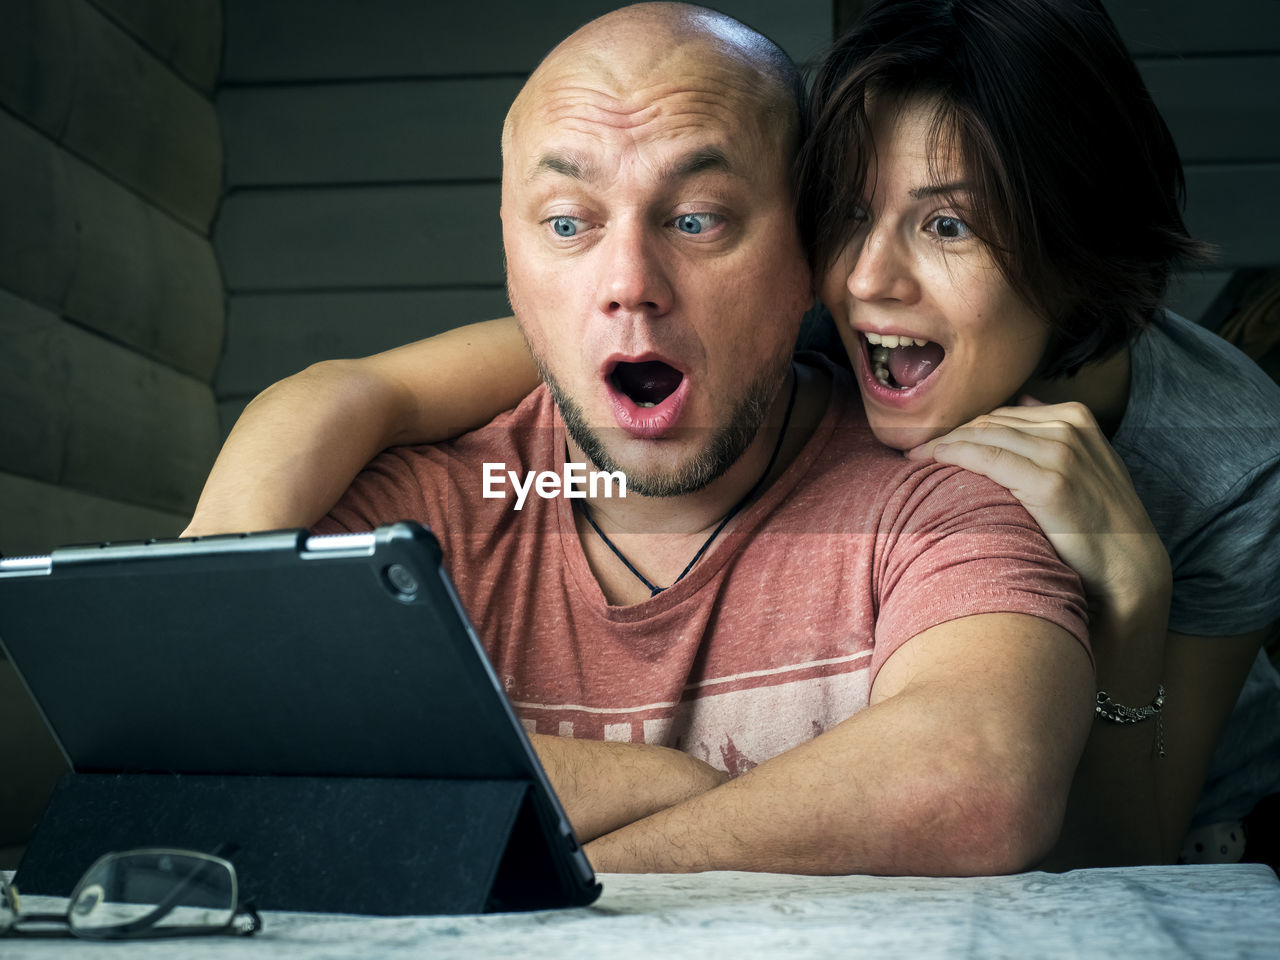 Friends looking at digital tablet